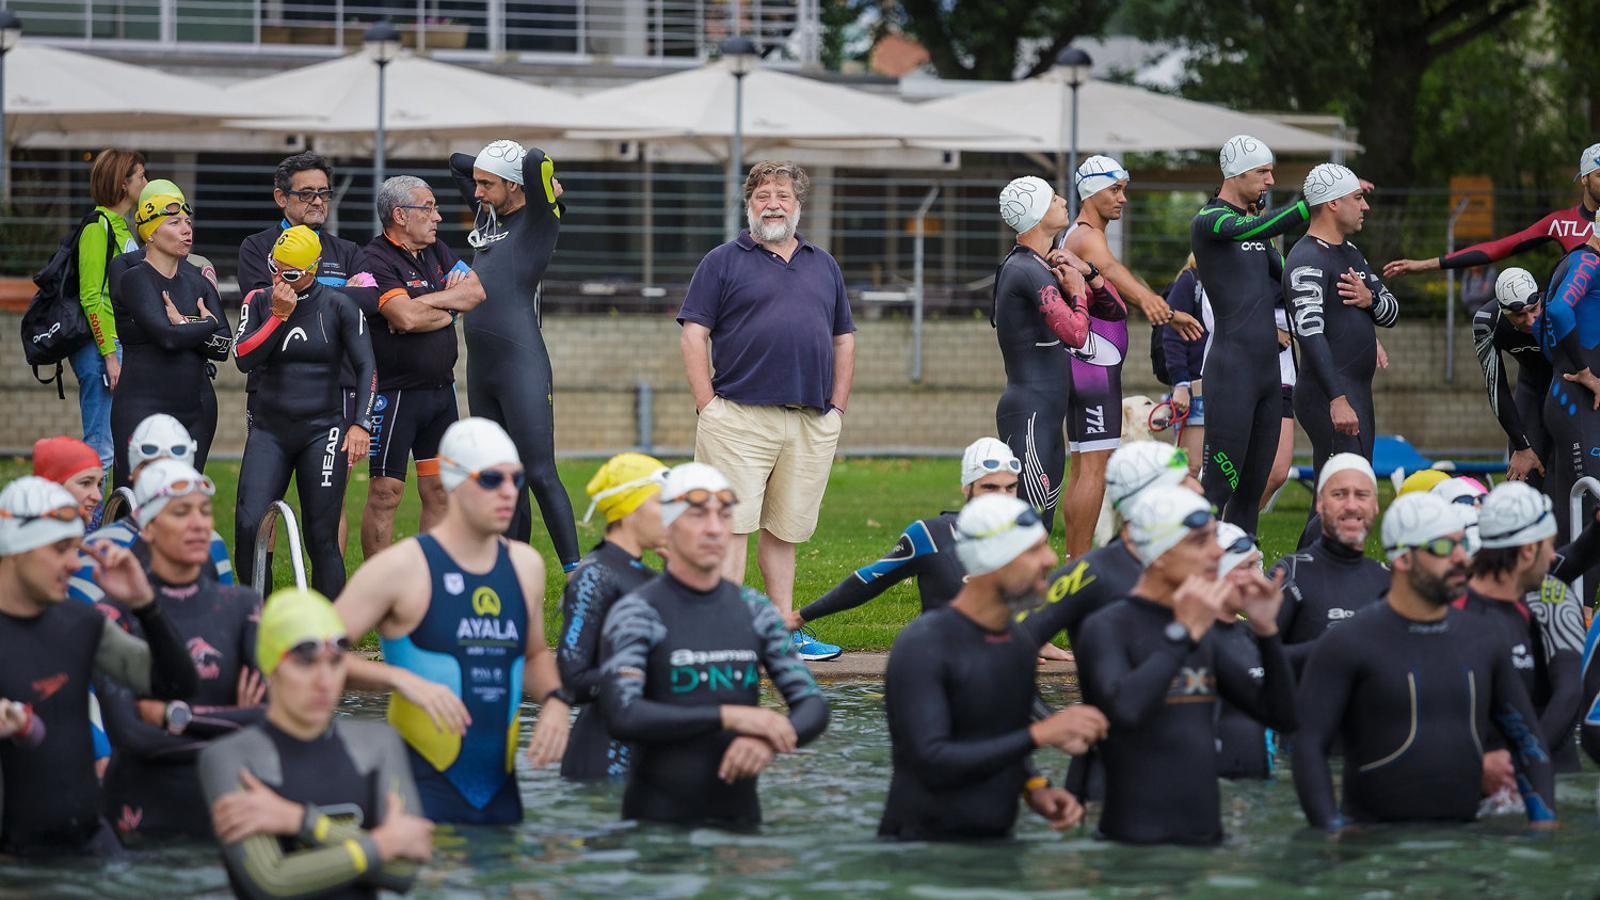 L'entrenador Leo Armentano observant els esportistes durant la Triatló de Banyoles del juny del 2018. / DAVID BORRAT